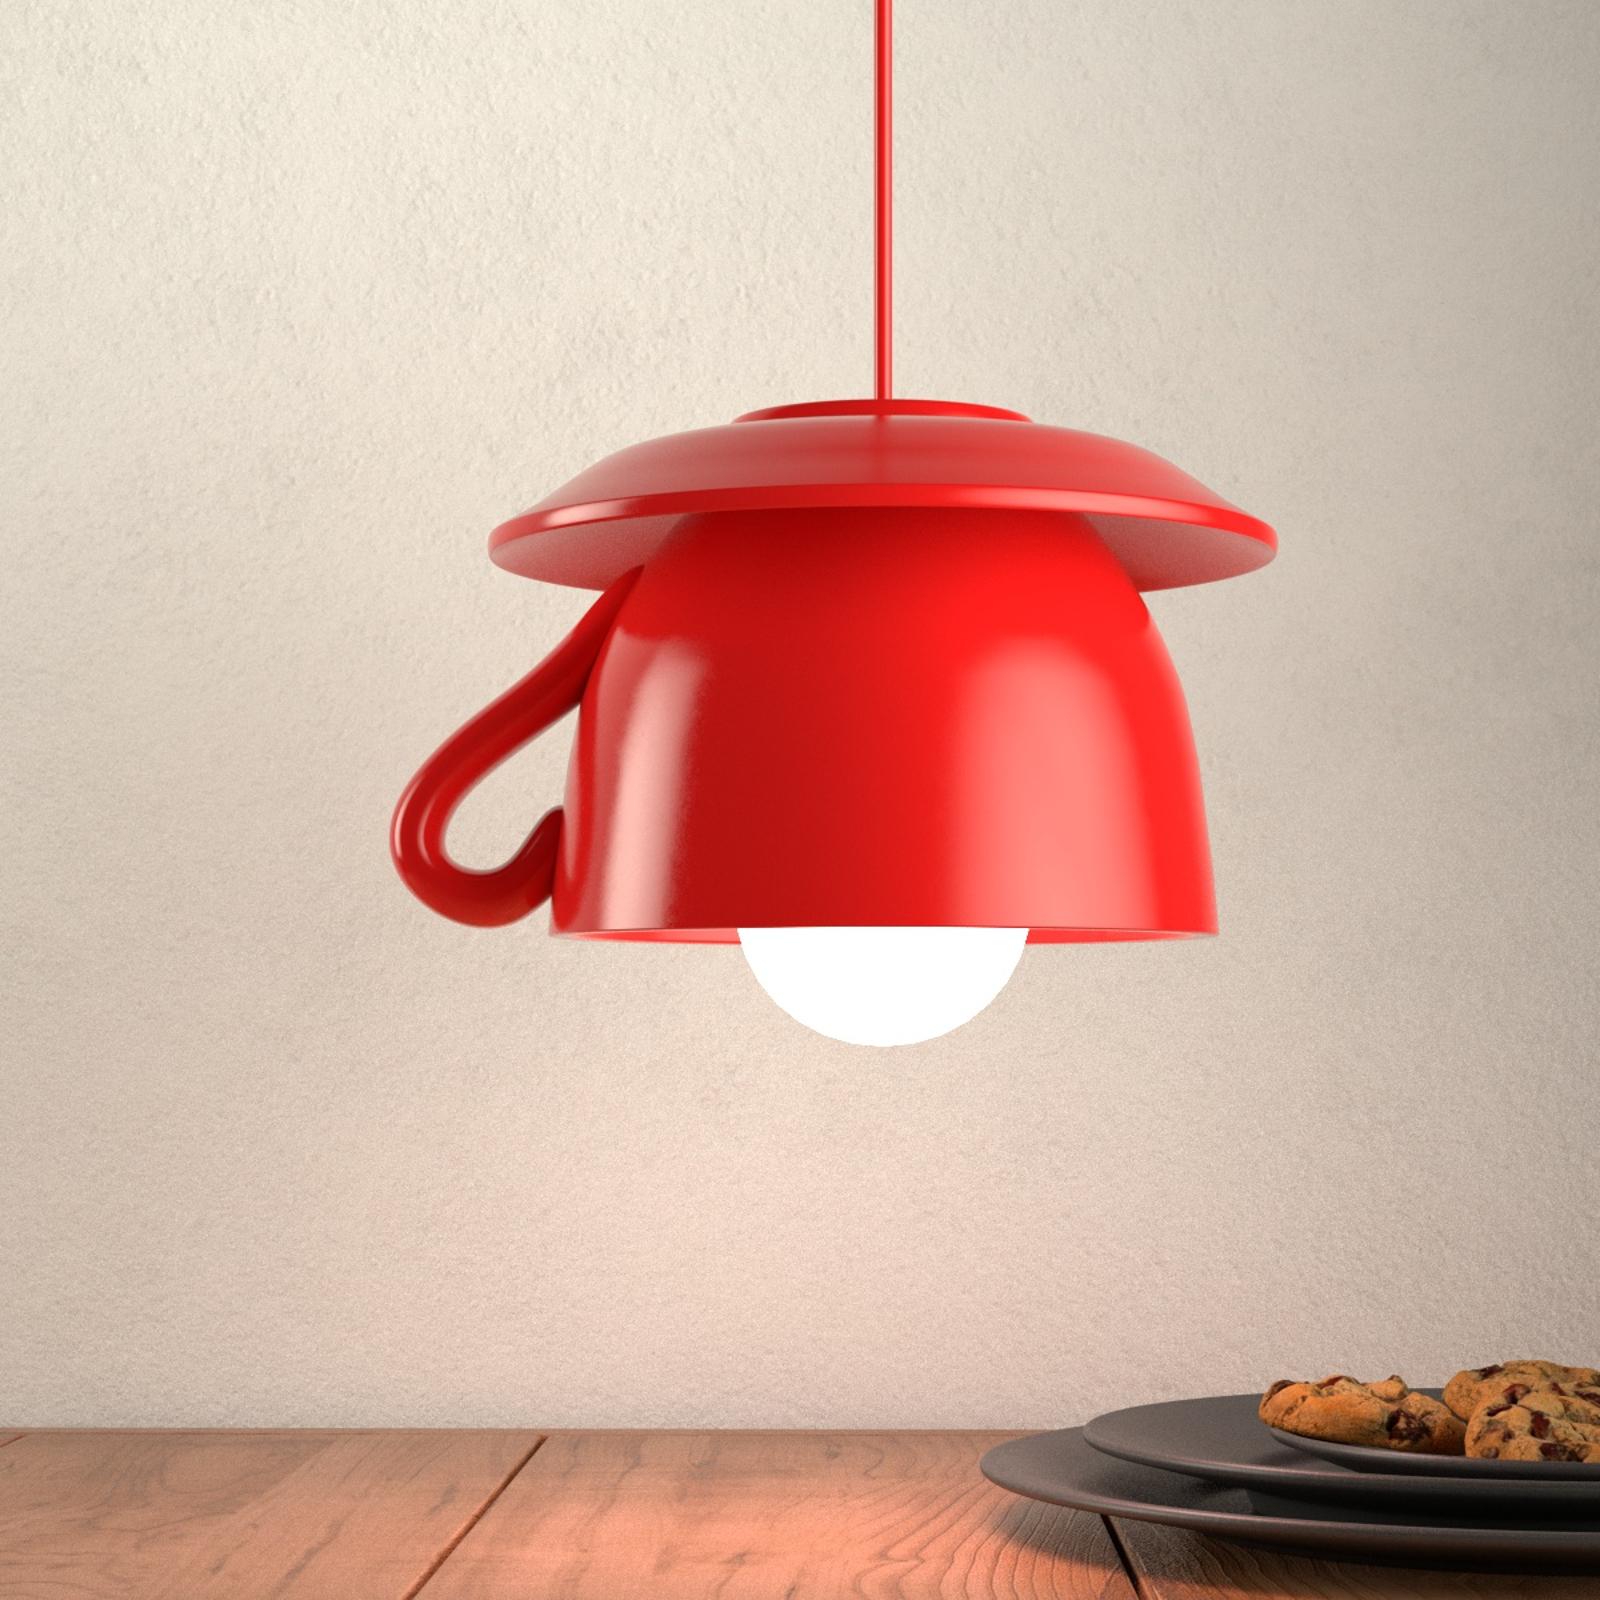 Tazza – rød pendellampe i keramikk til kjøkkenet